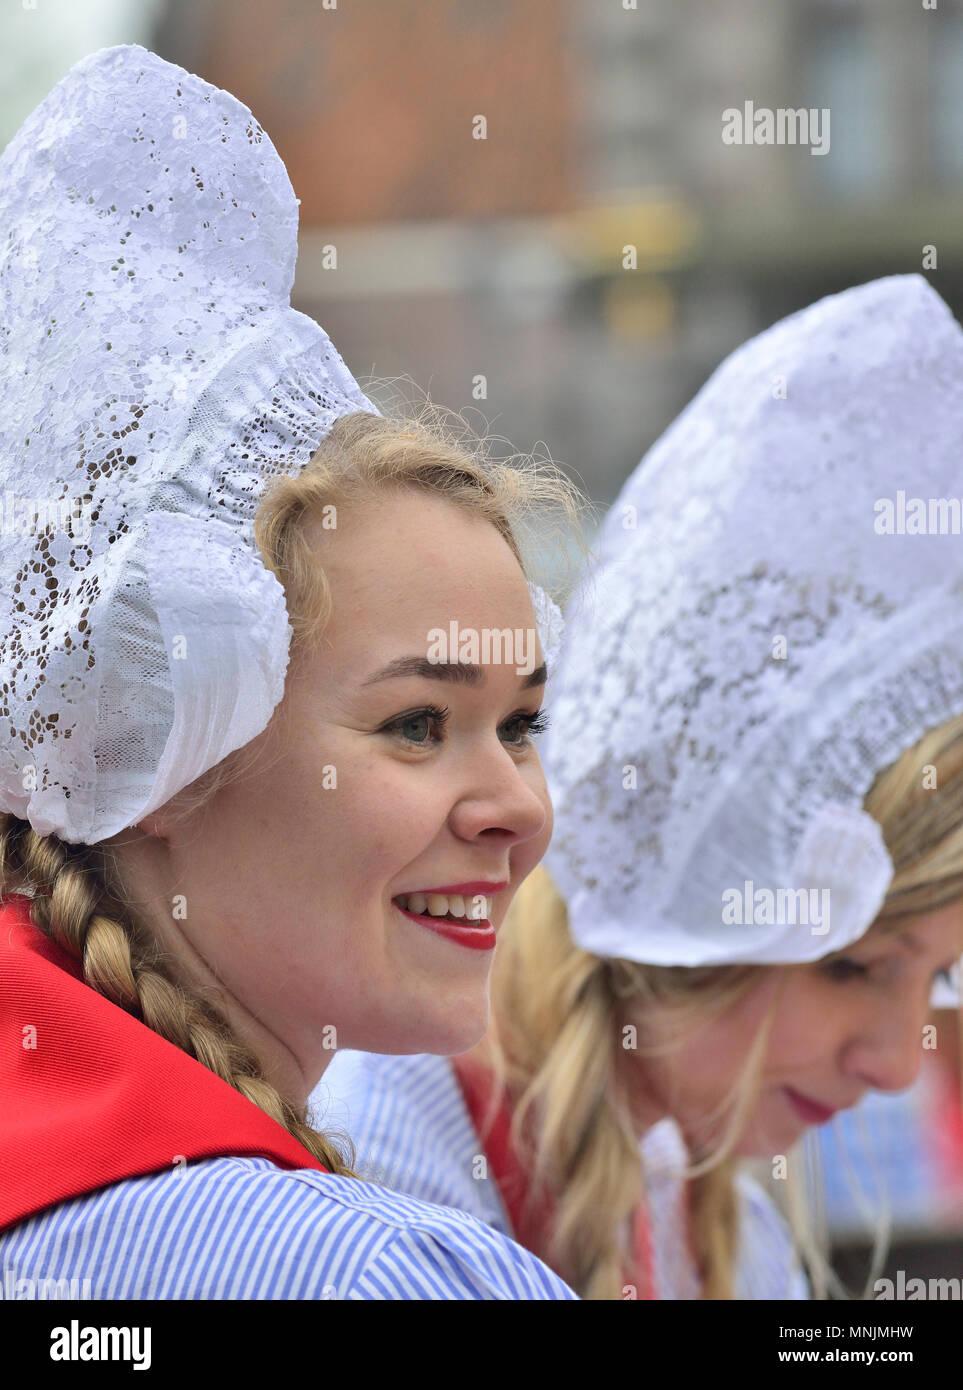 Ragazze olandesi in costume tradizionale presso il mercato del formaggio nel mercato del formaggio di Alkmaar, Olanda 'formaggio ragazza vende i campioni al mercato del formaggio di Alkmaar Immagini Stock